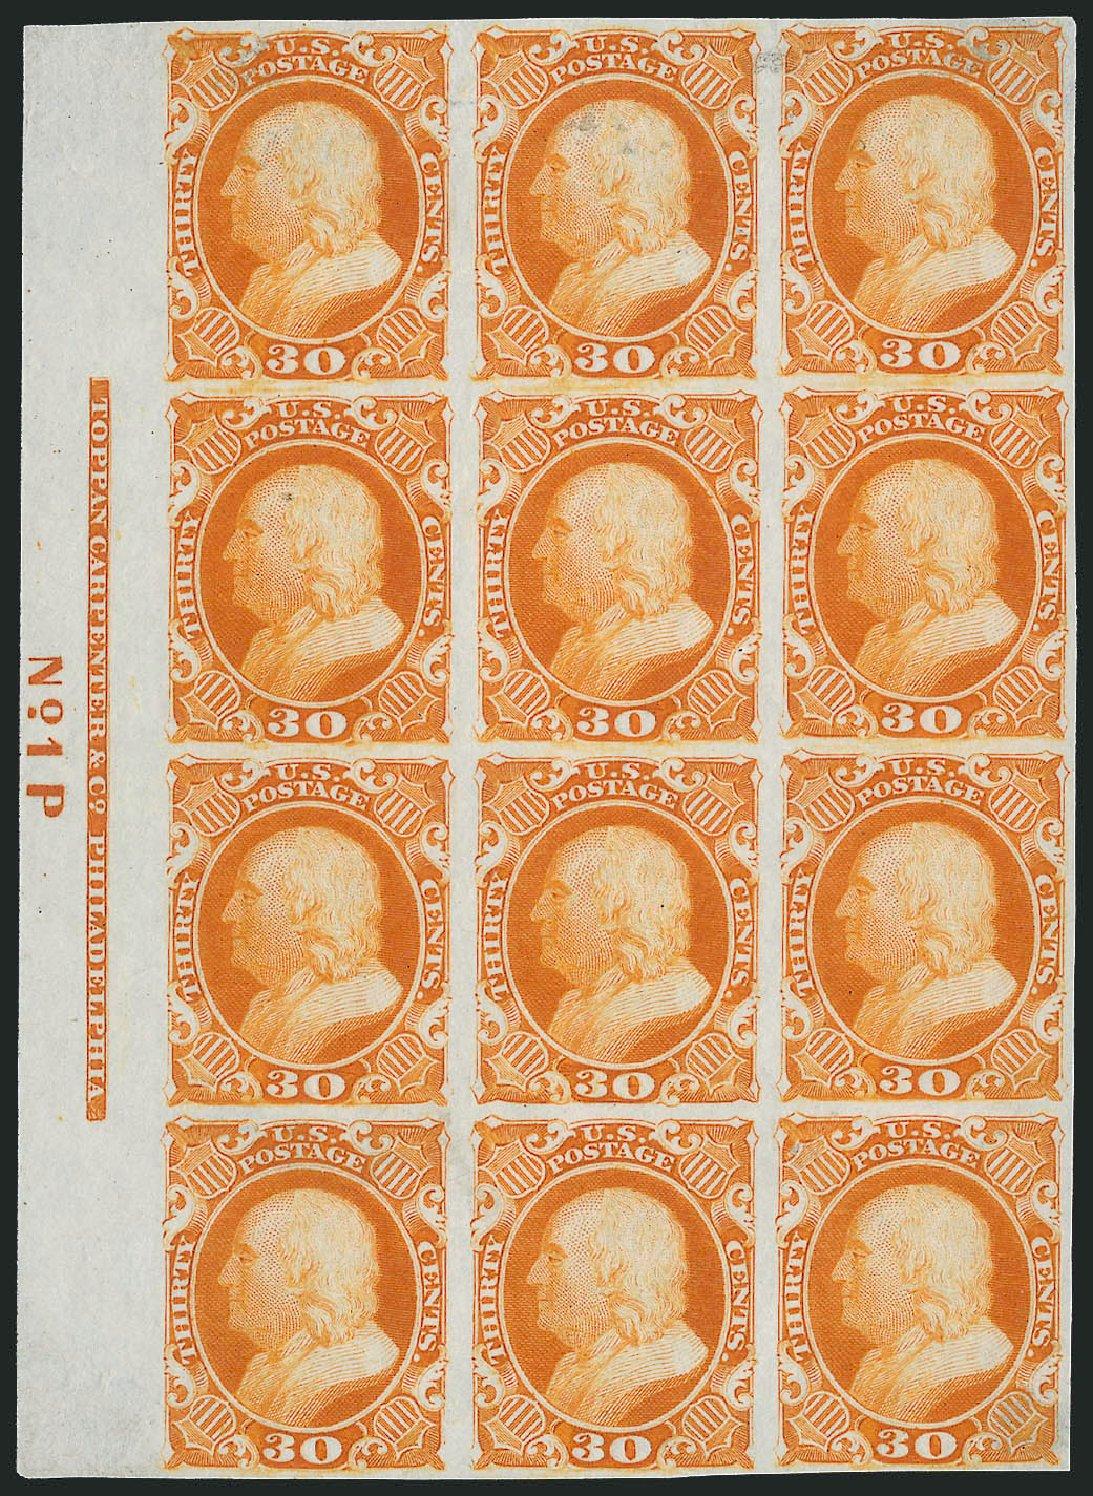 US Stamps Prices Scott Catalogue #46 - 1875 30c Franklin Reprint. Robert Siegel Auction Galleries, Nov 2013, Sale 1057, Lot 502